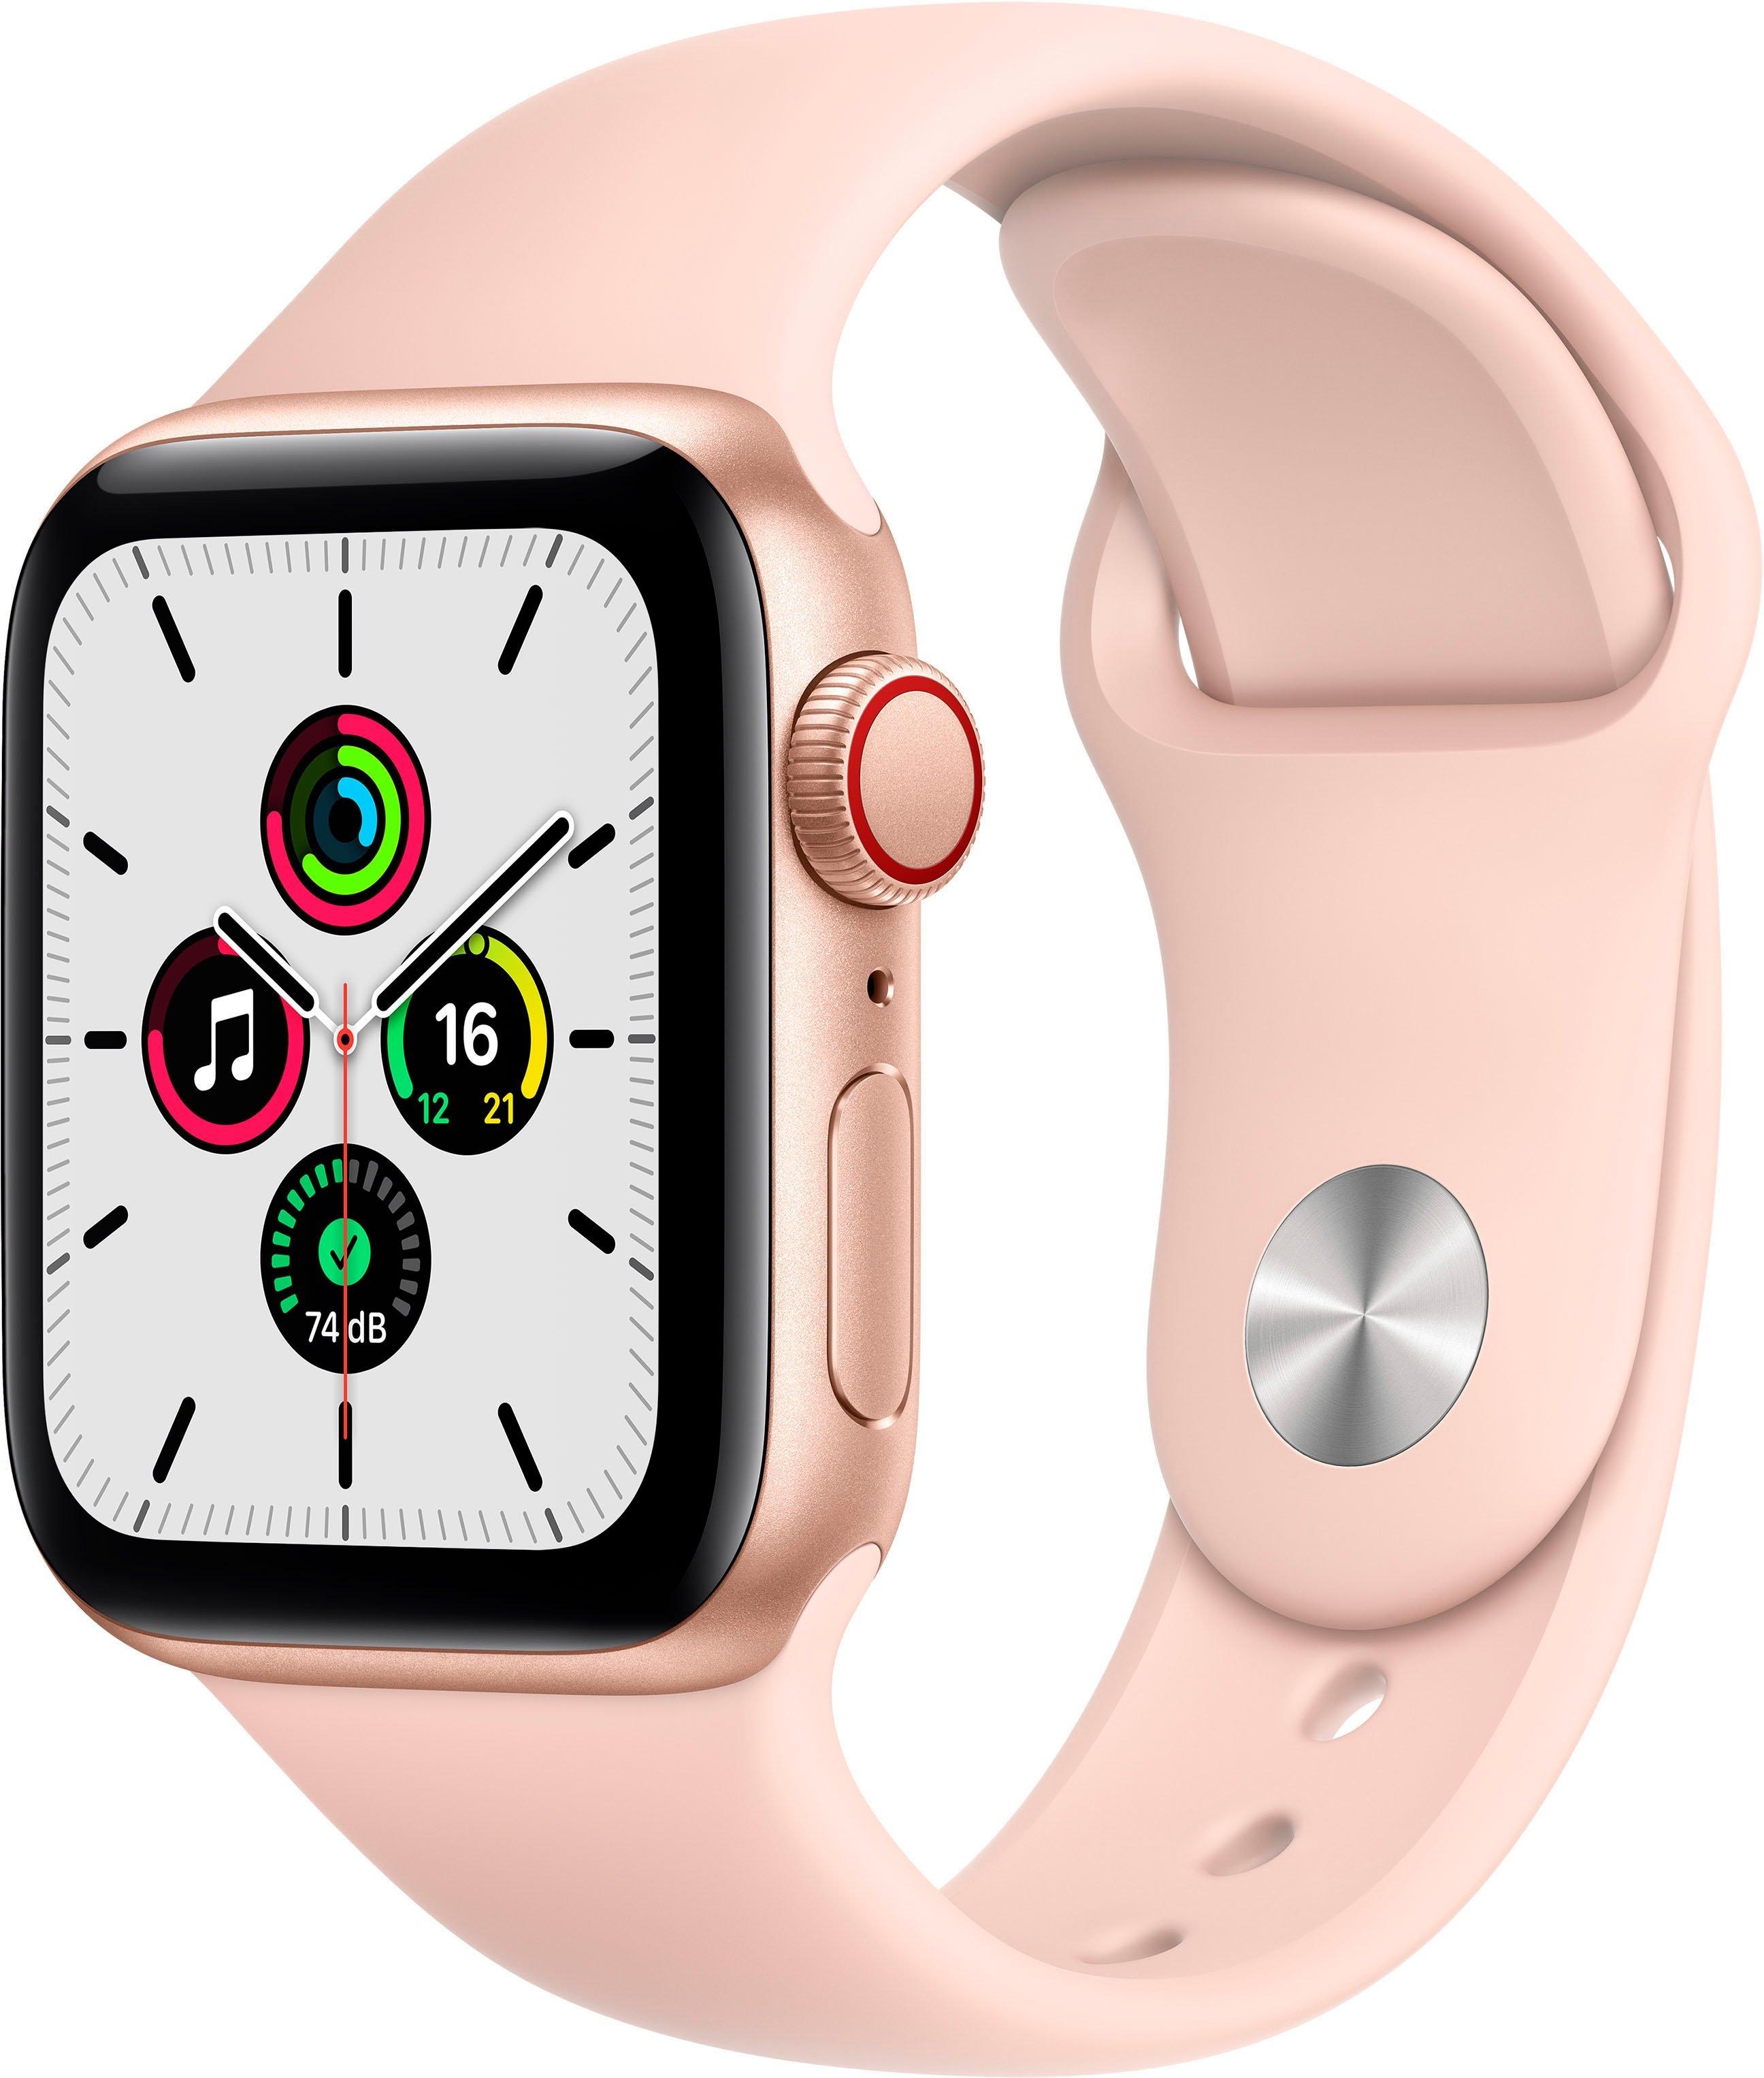 Apple watch SE gps + Cellular, aluminium kast met sportbandje 40 mm inclusief oplaadstation (magnetische oplaadkabel) goedkoop op otto.nl kopen